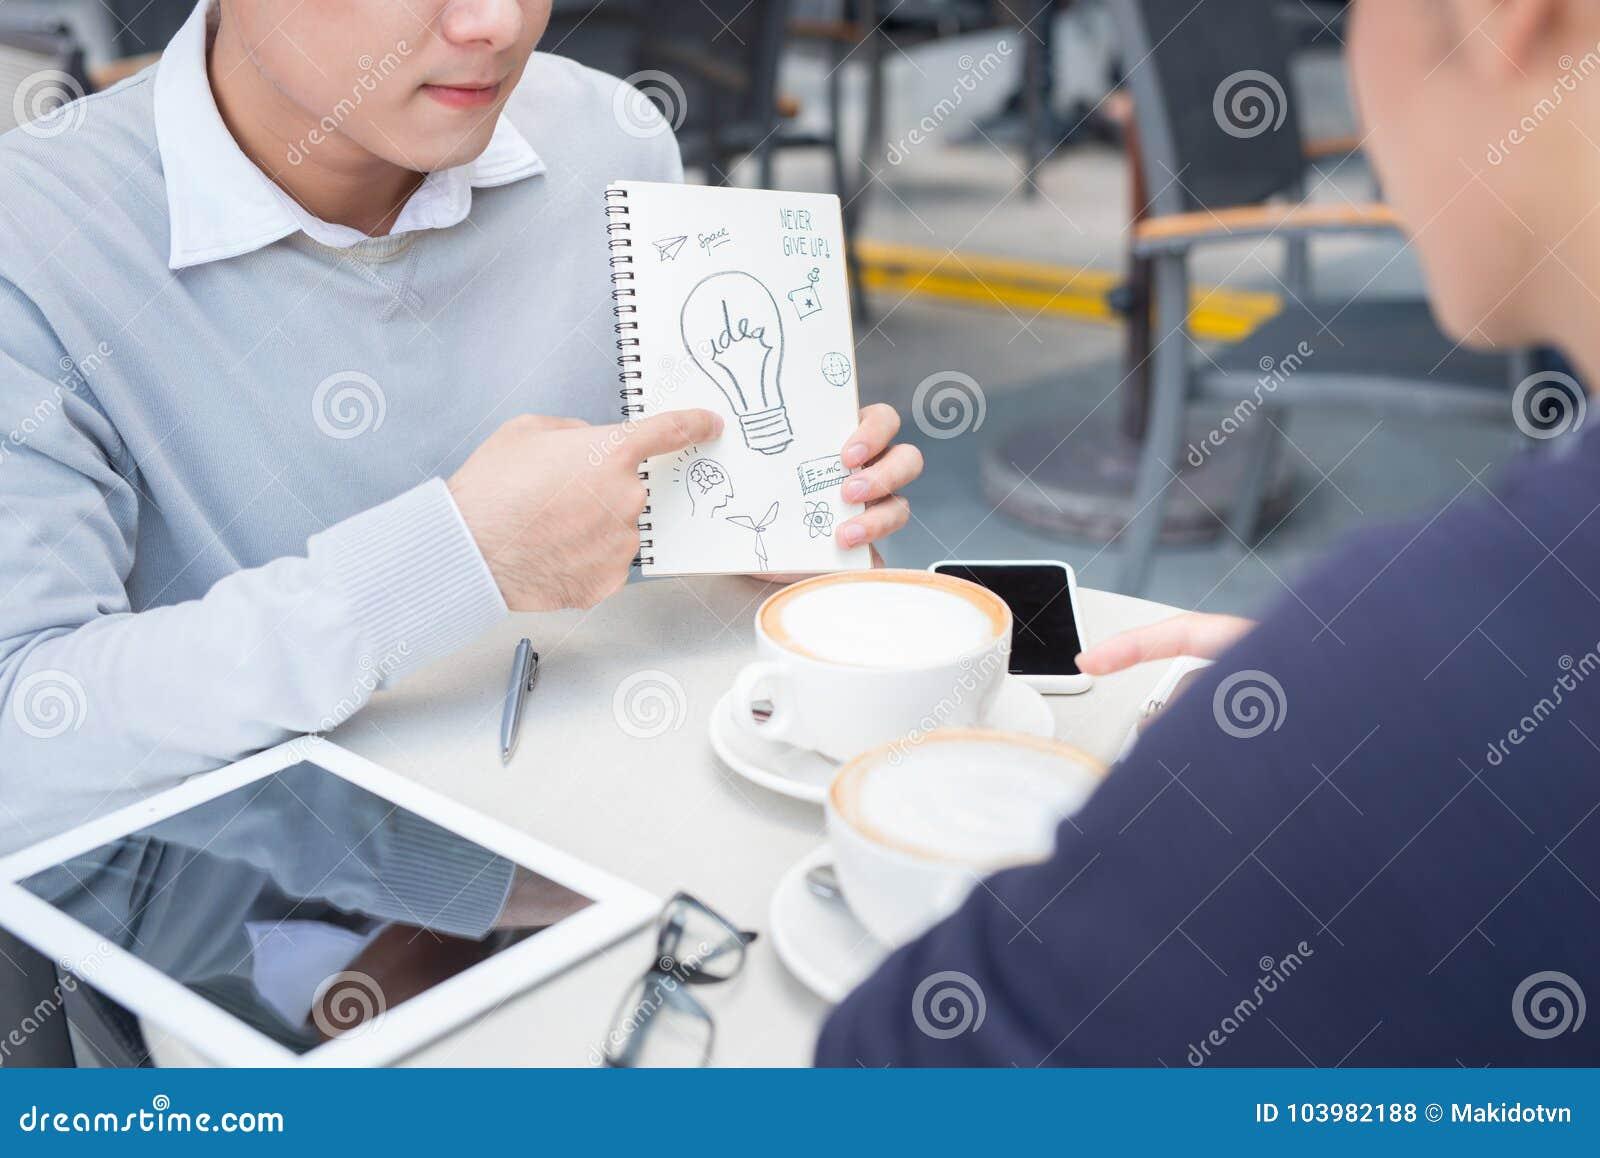 Openluchtportret van twee jonge ondernemers die bij sh koffie werken